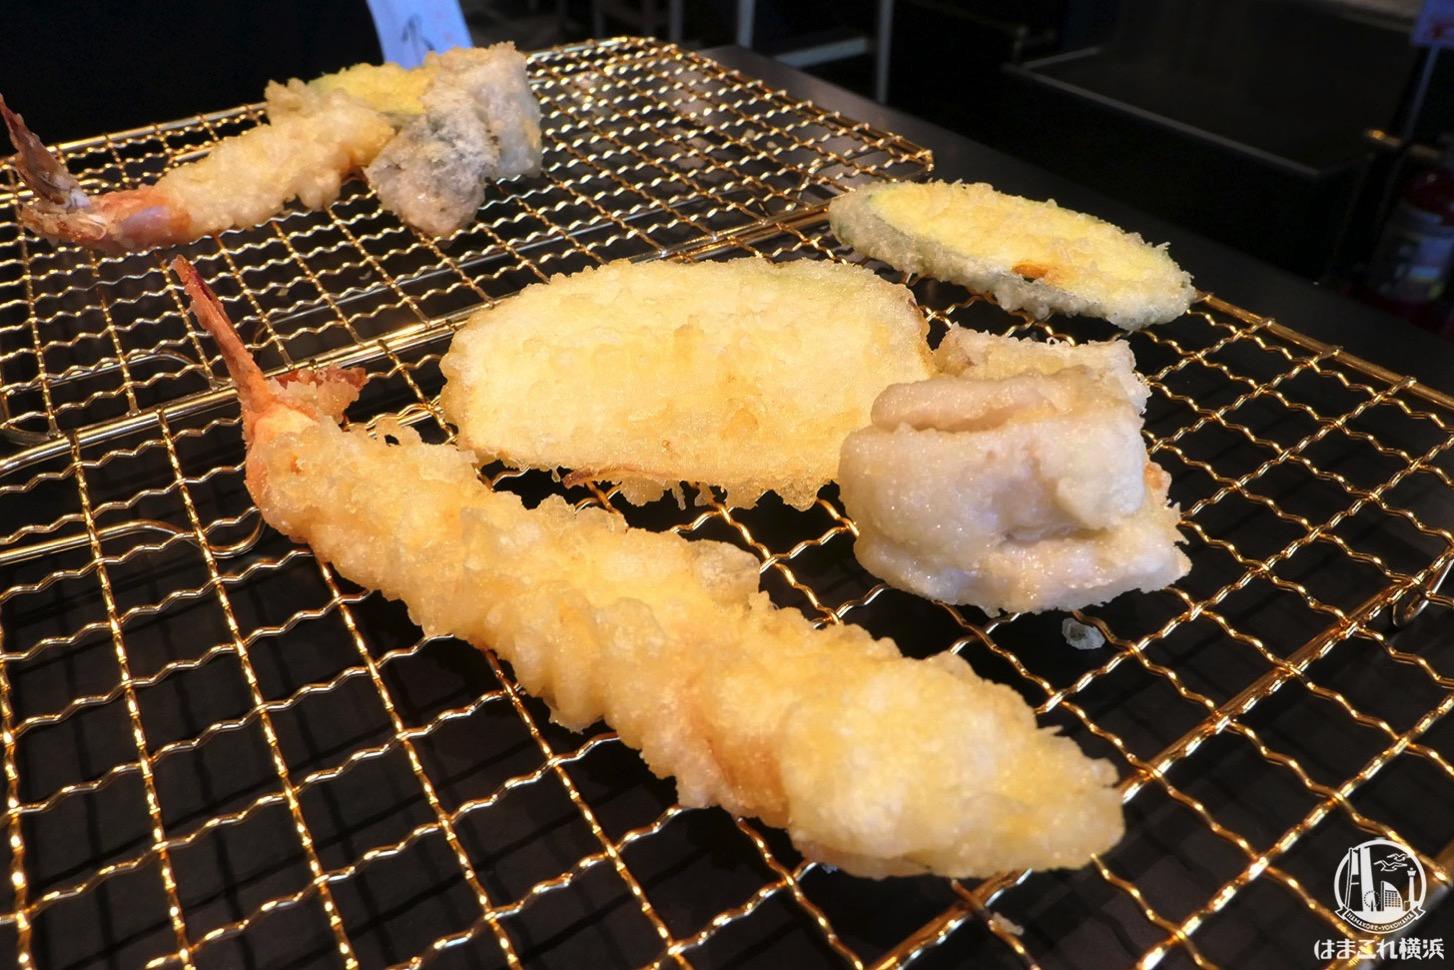 博多天ぷらたかお 横浜馬車道店で店舗限定ランチ!揚げたて数回に分けて提供